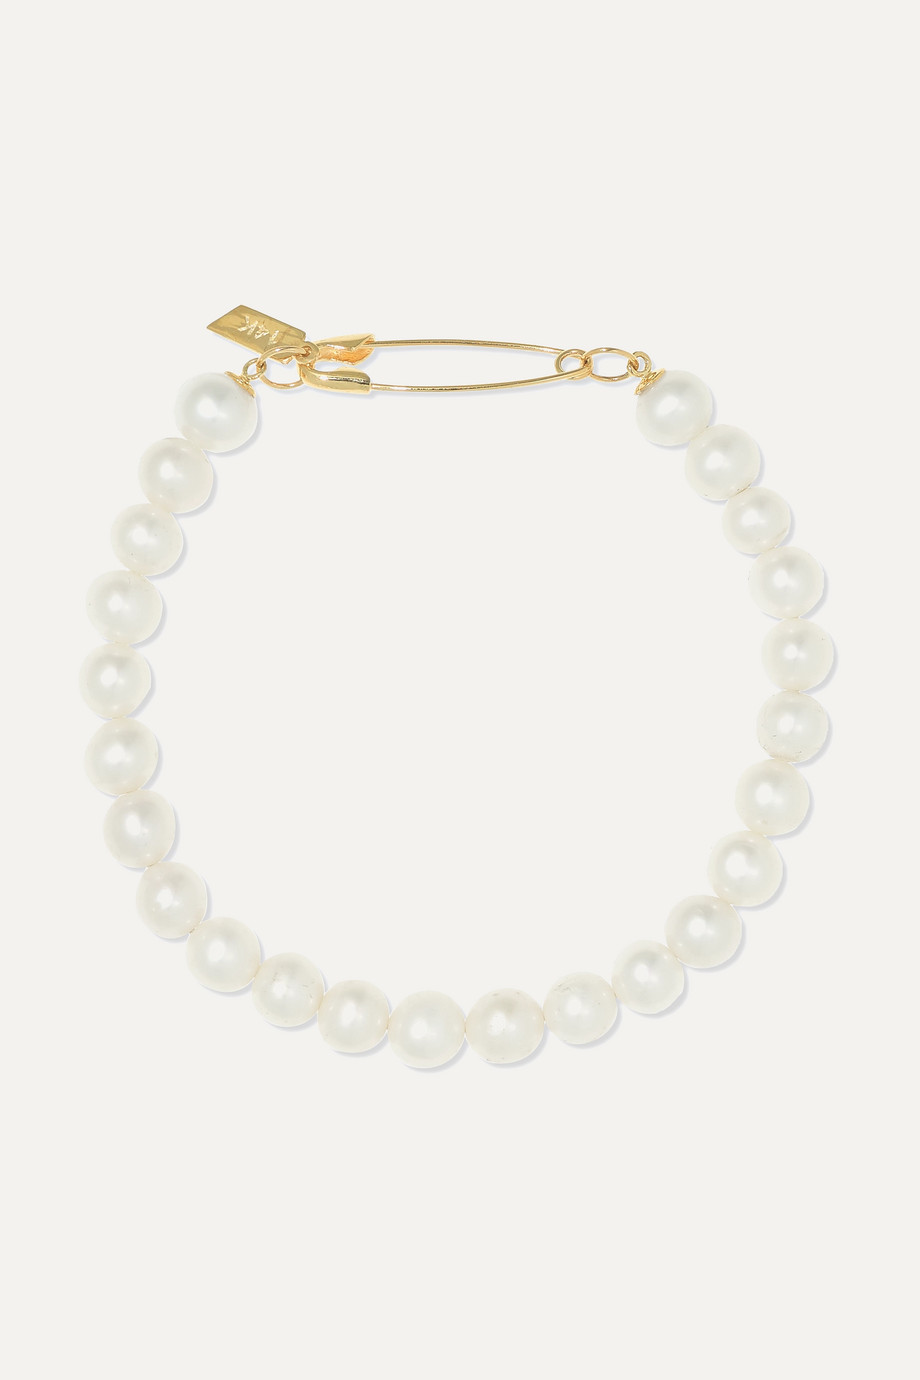 Loren Stewart Bracelet en or 14 carats et perles